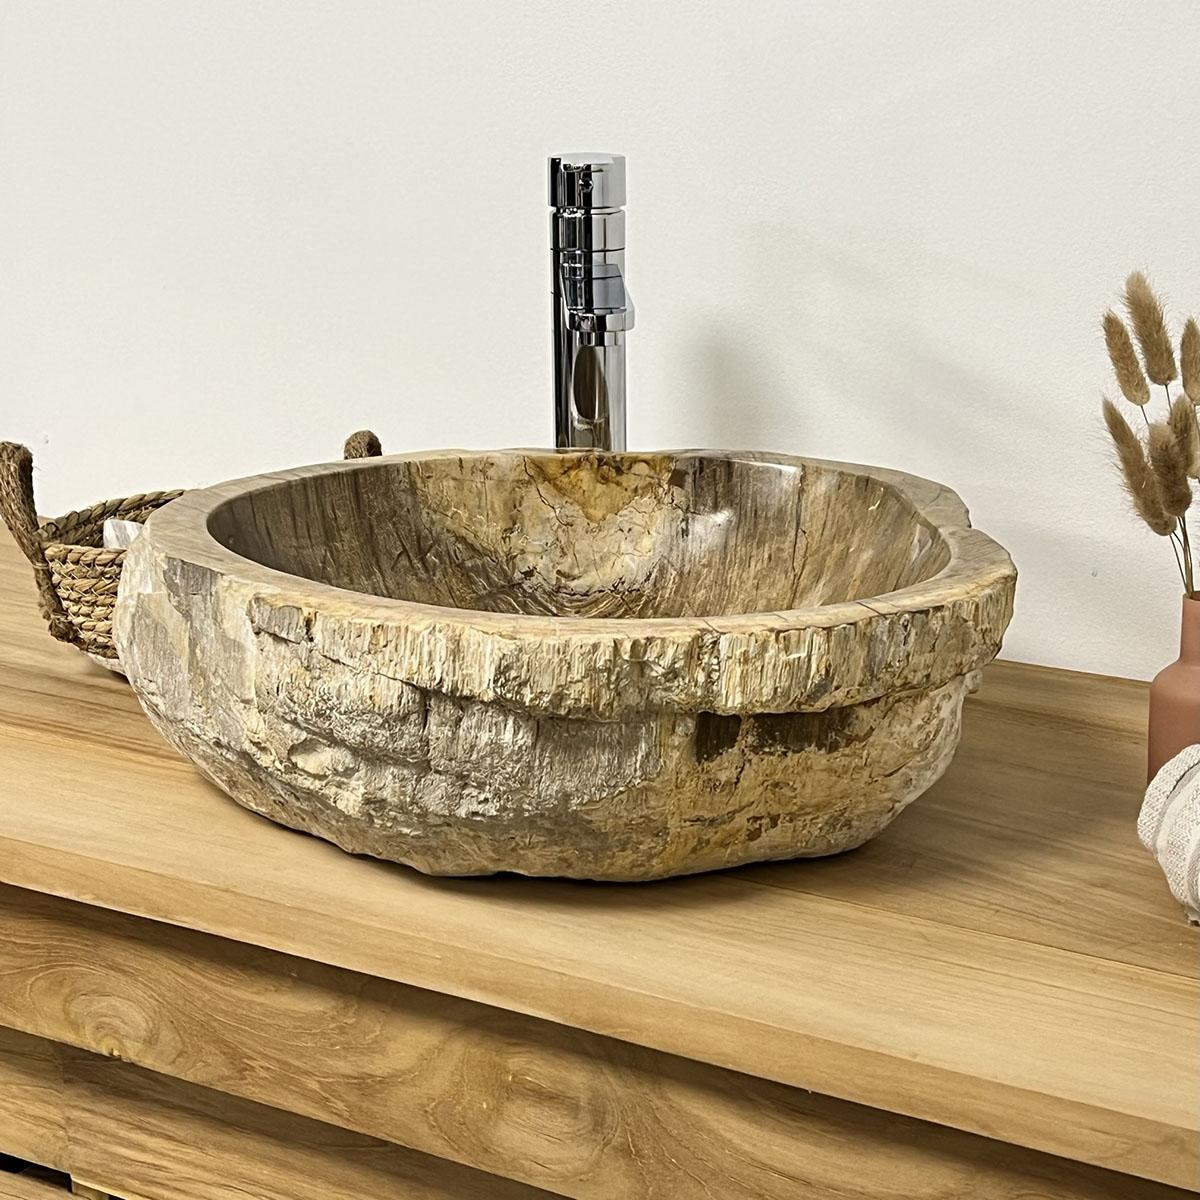 Vasque poser en bois p trifi fossilis l 51 cm - Vasque salle de bain bois ...